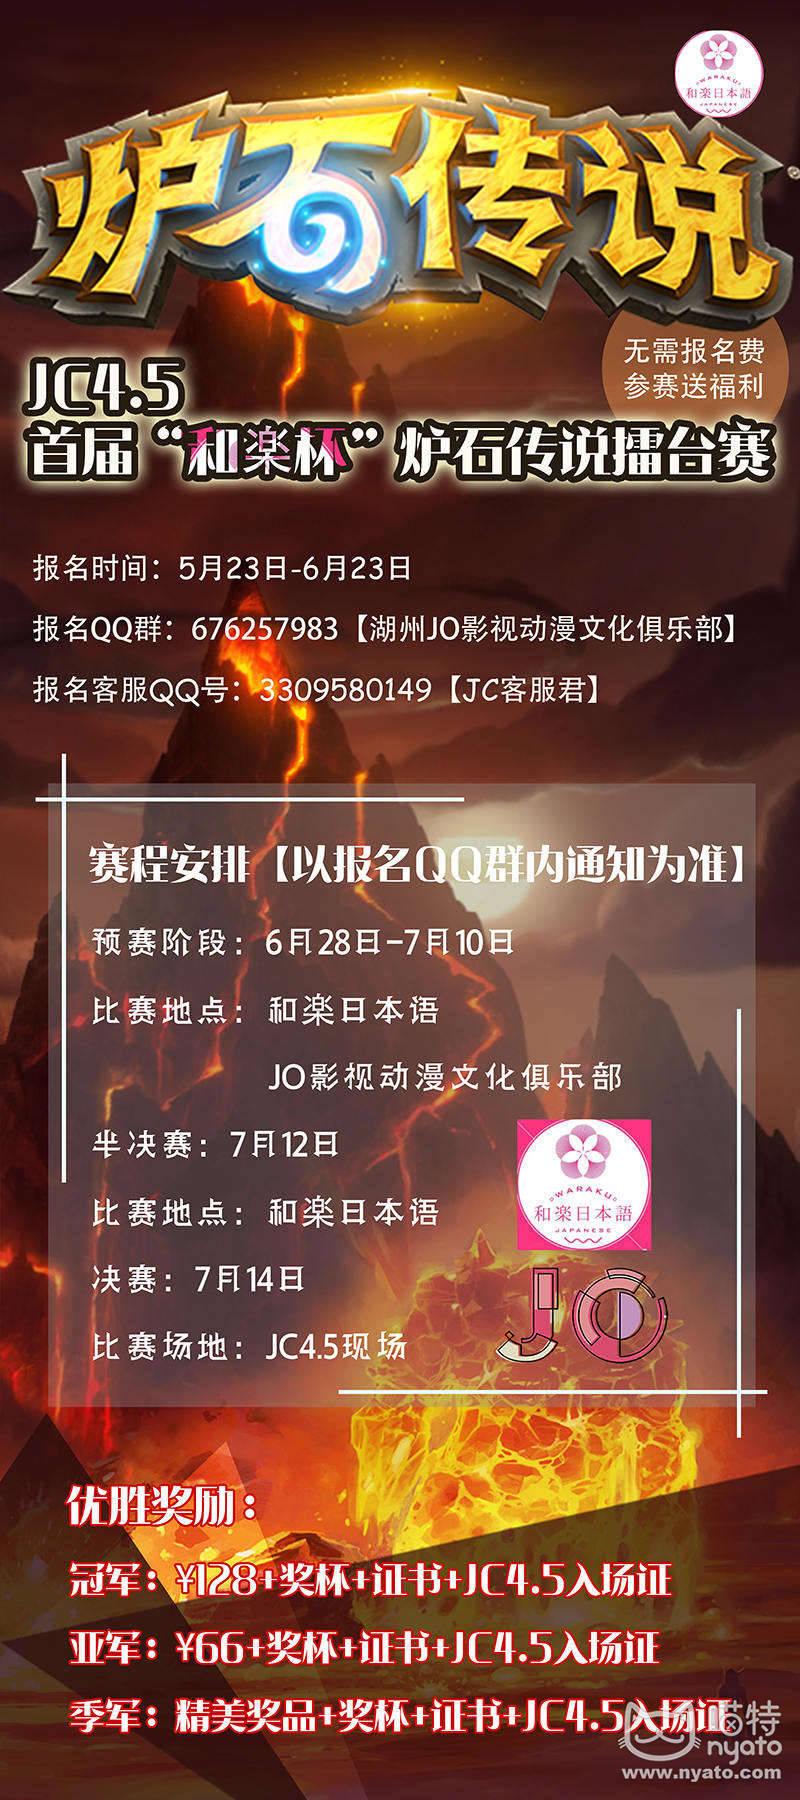 【湖州JC4.5】炉石传说比赛.jpg